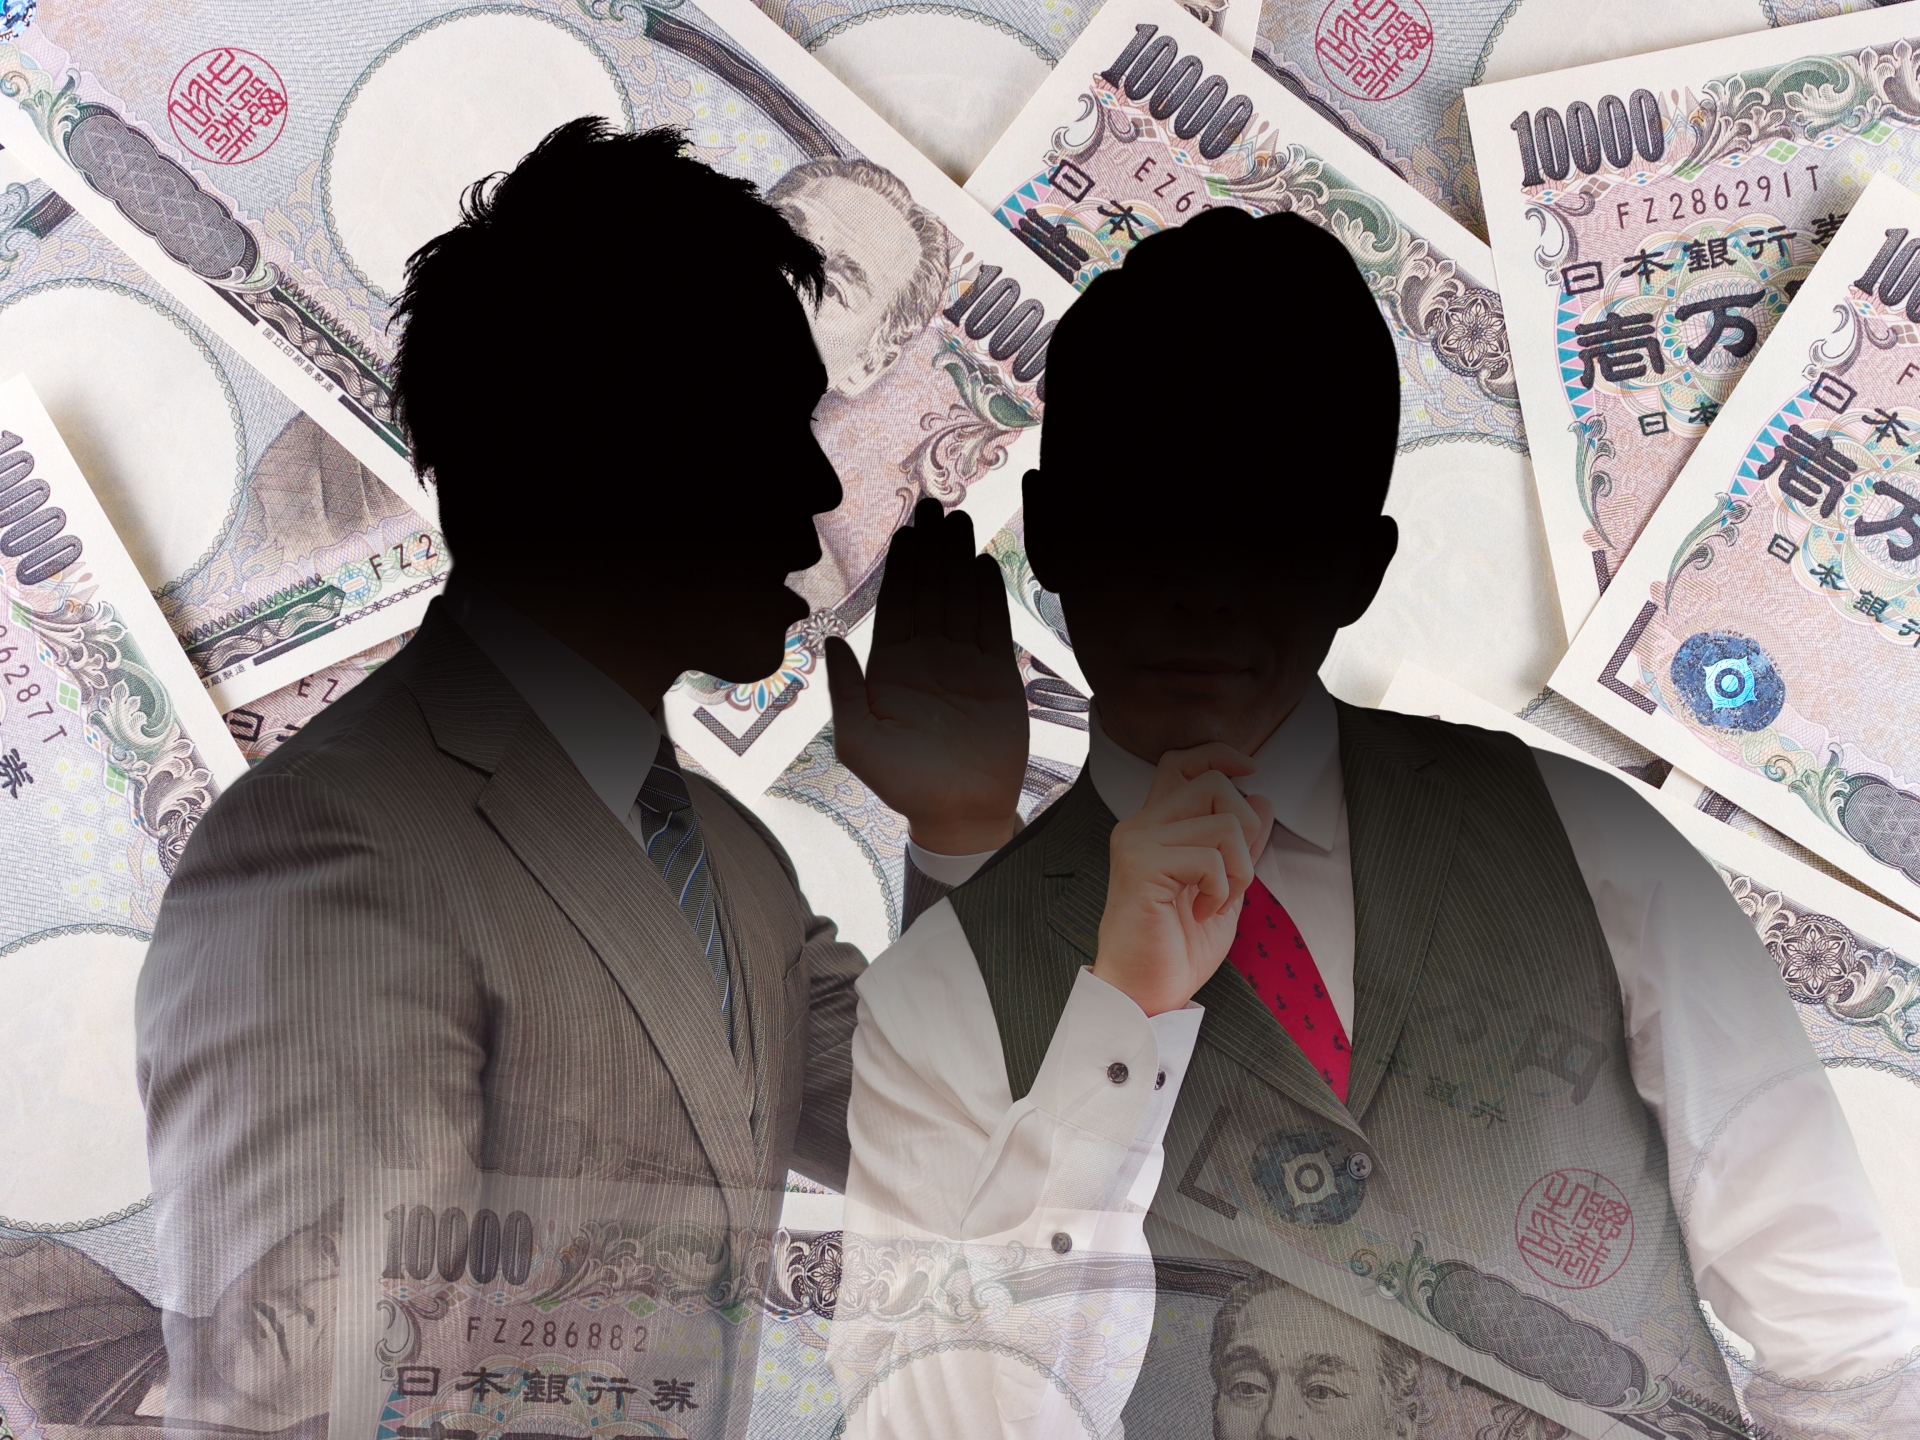 還付金詐取の疑いで税務署職員を告発